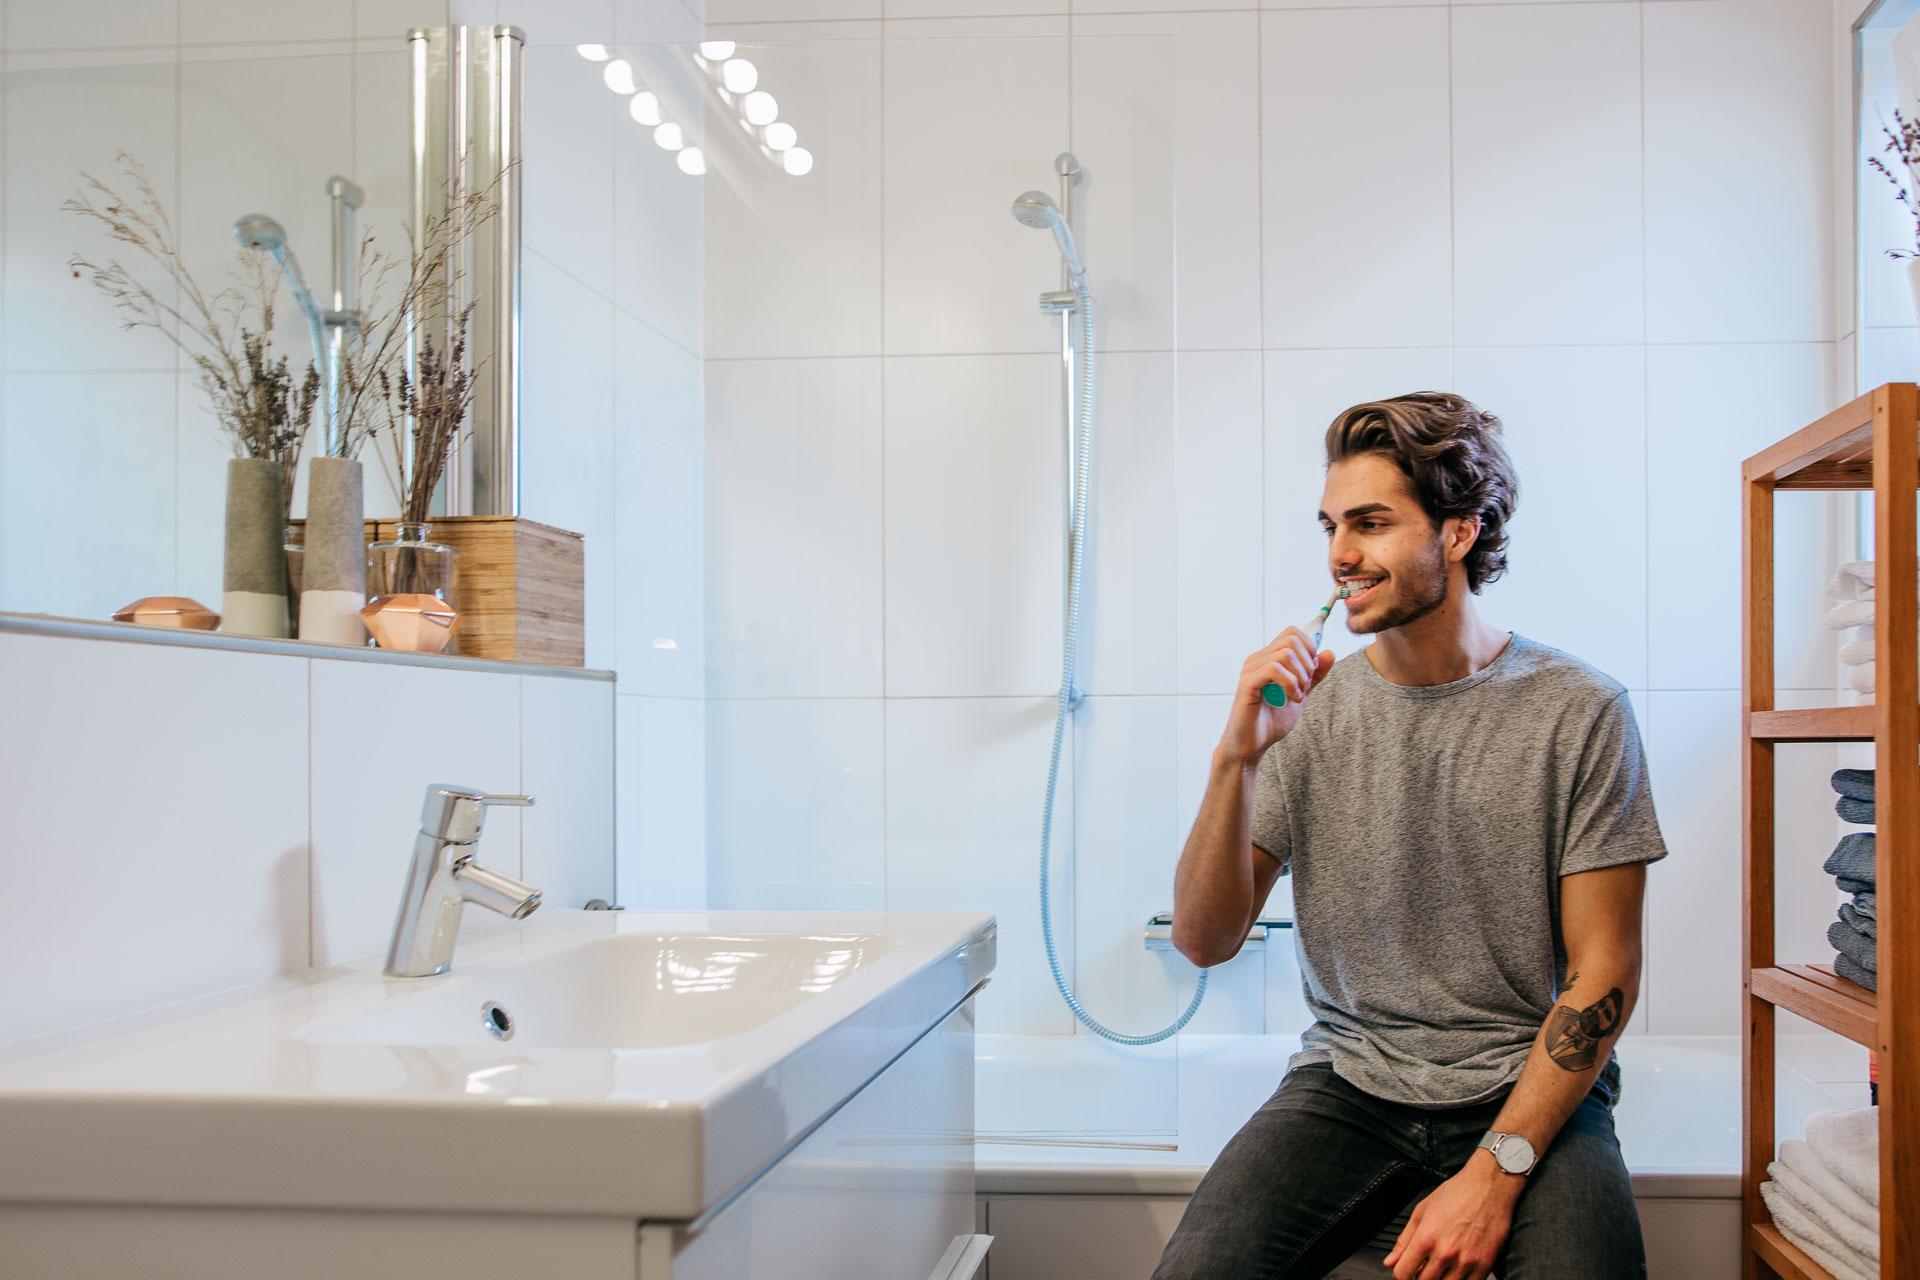 Social Media Fotografie für Happybrush: Ein junger Typ sitzt auf dem Badewannenrand und putzt mit einer Happybrush seine Zähne